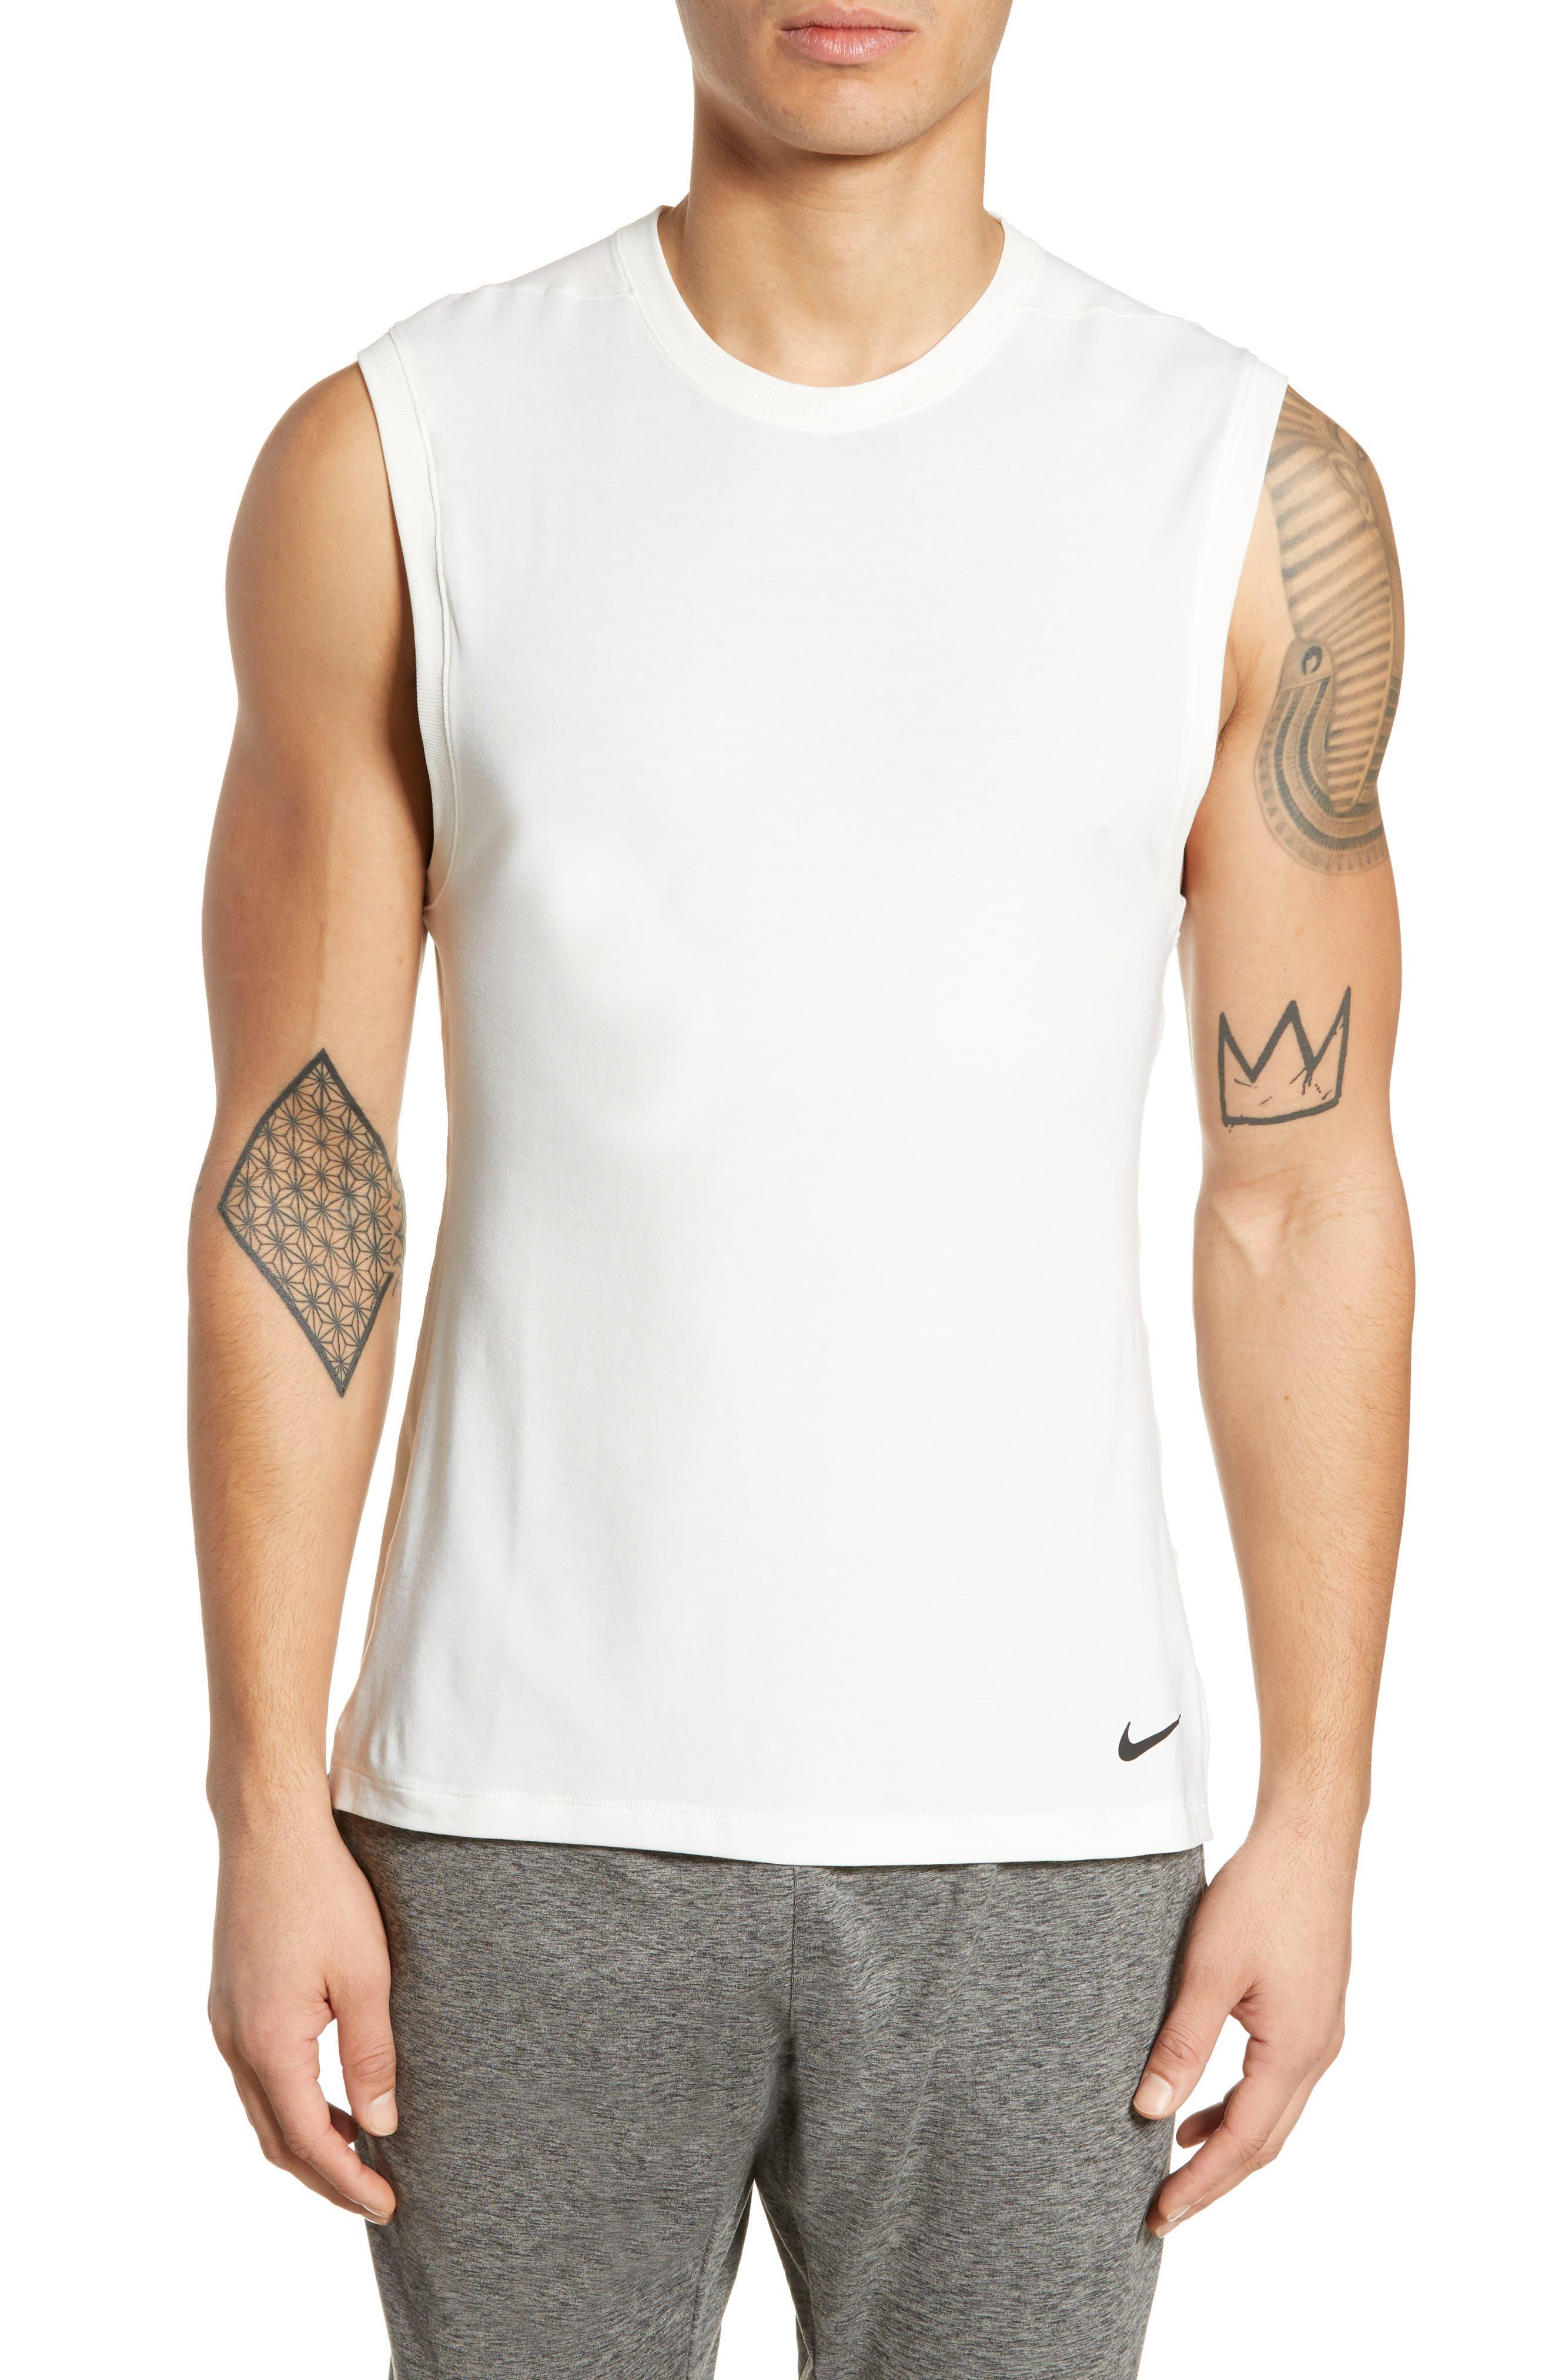 Nike Dry Transcent Sleeveless T-Shirt White